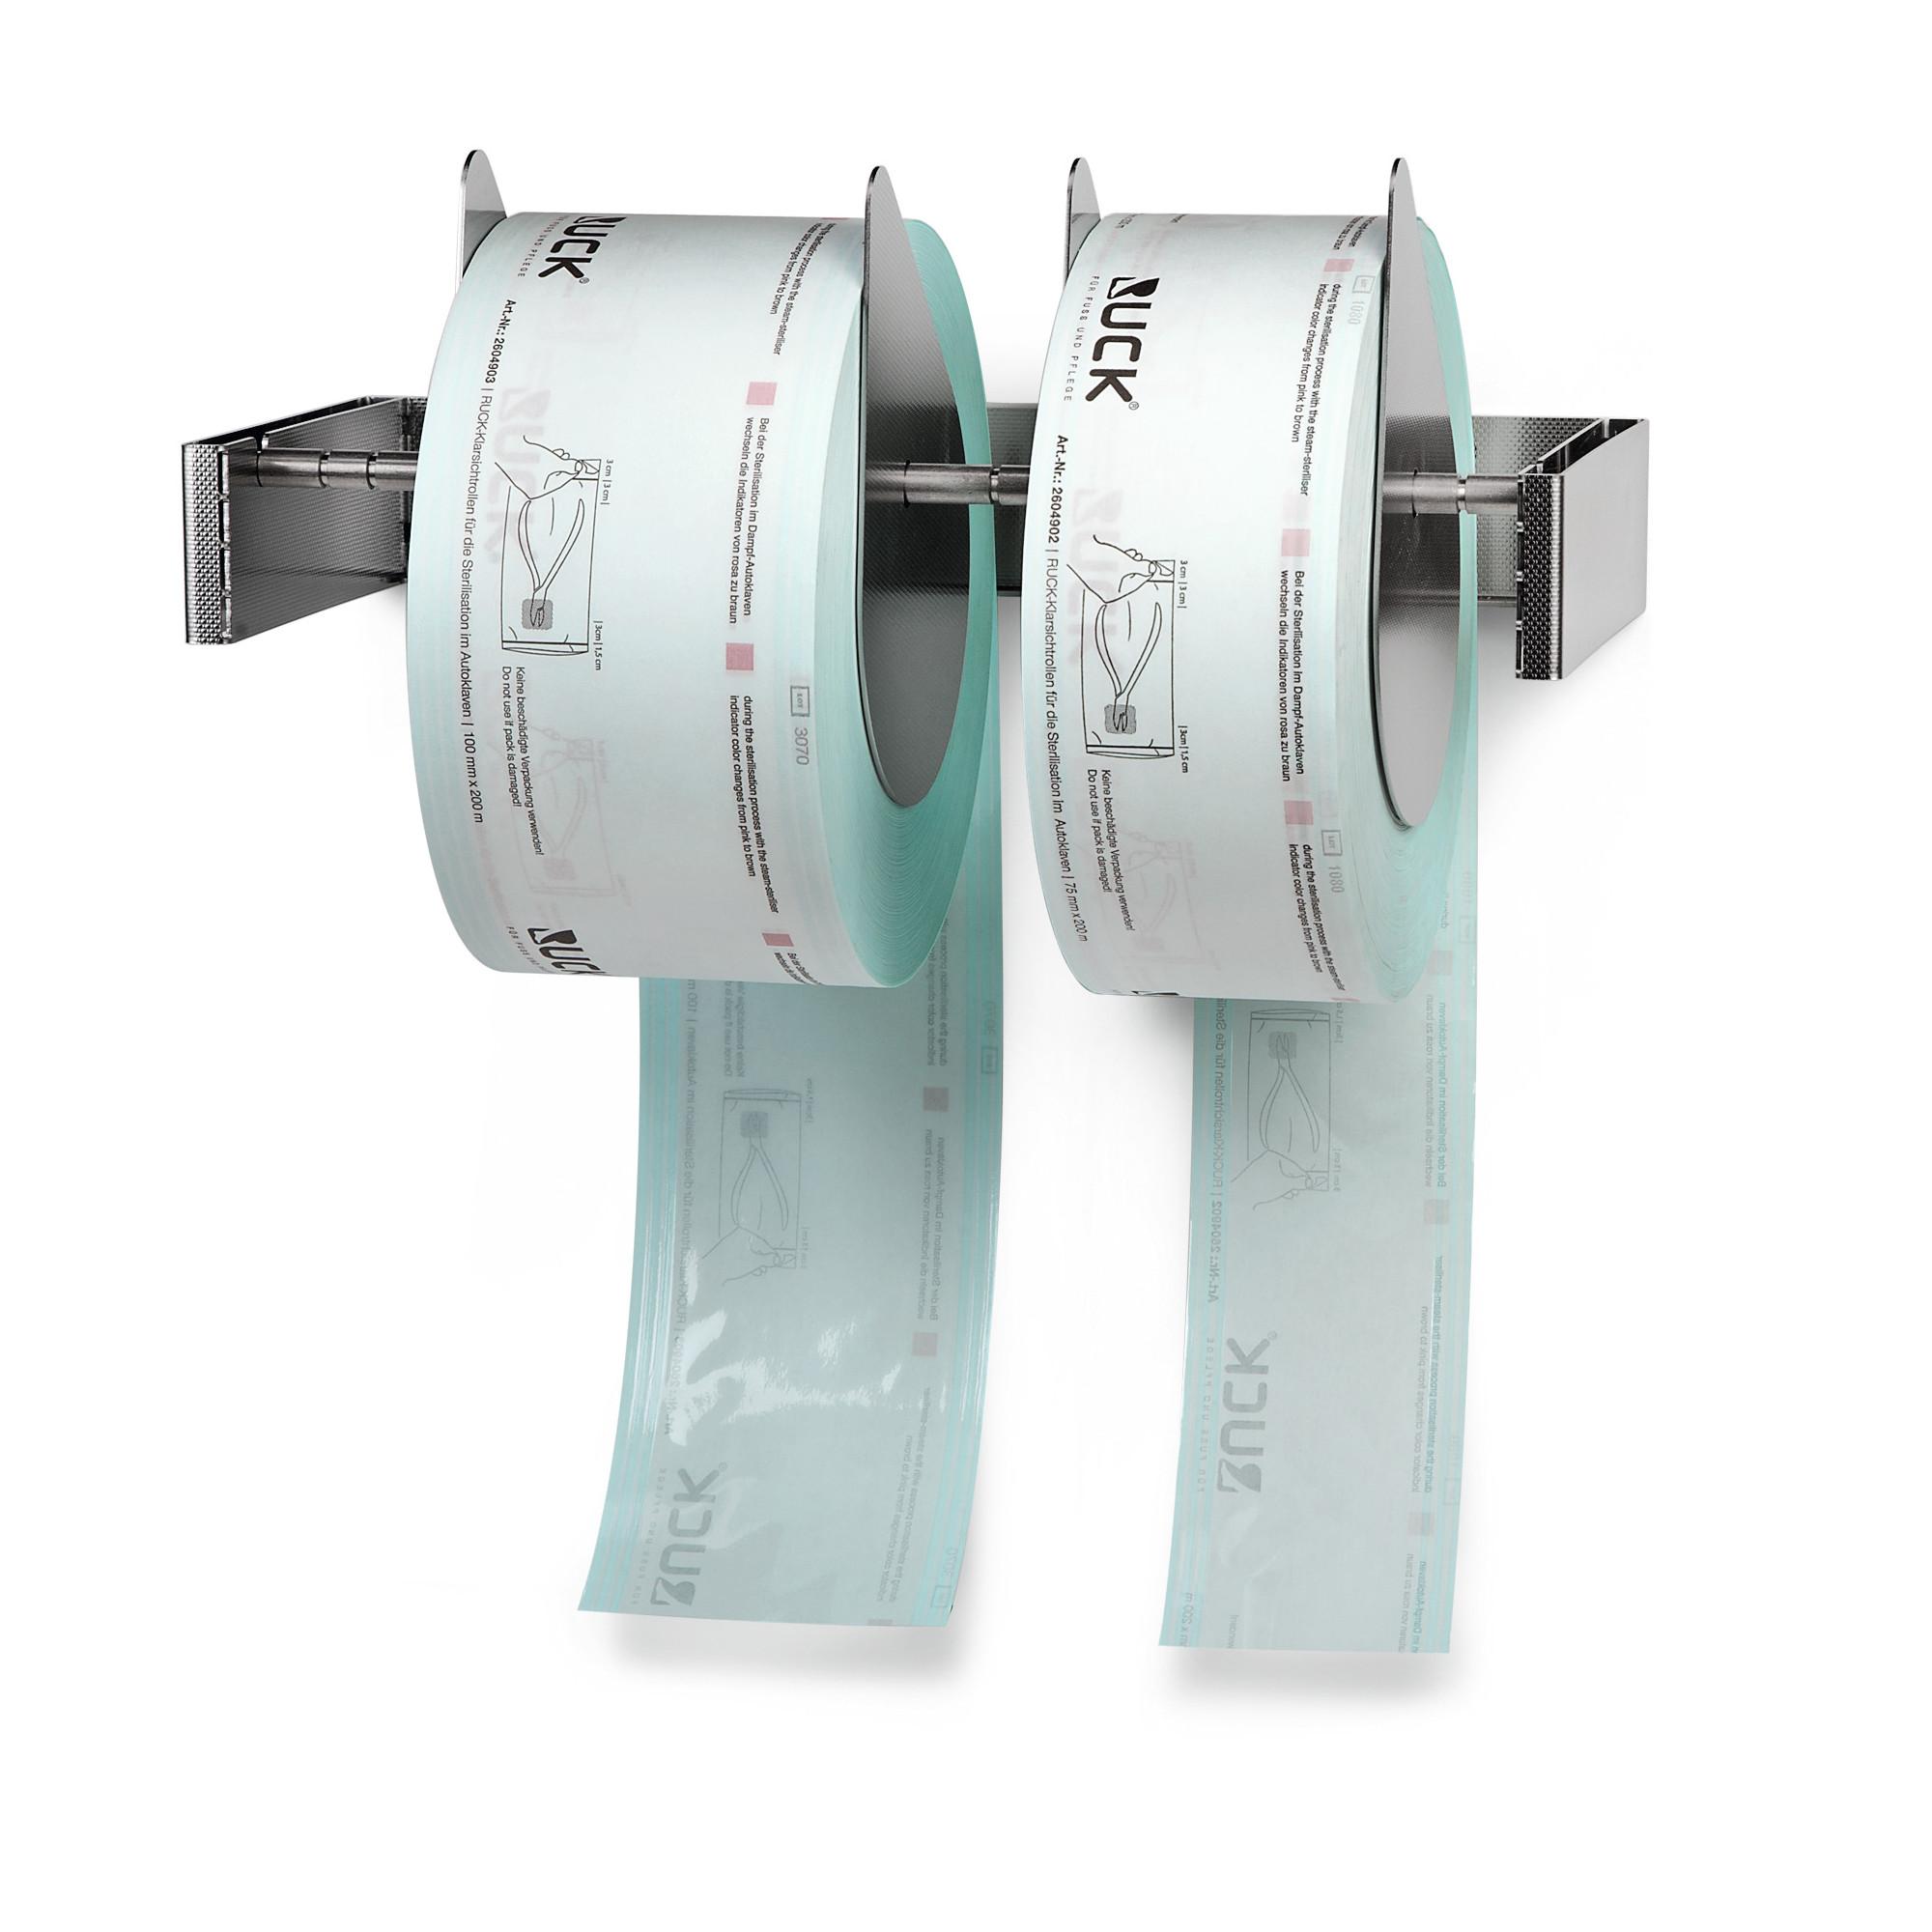 Distributeur gaines de stérilisation - Podolog Seal Rollenhalter - Ruck